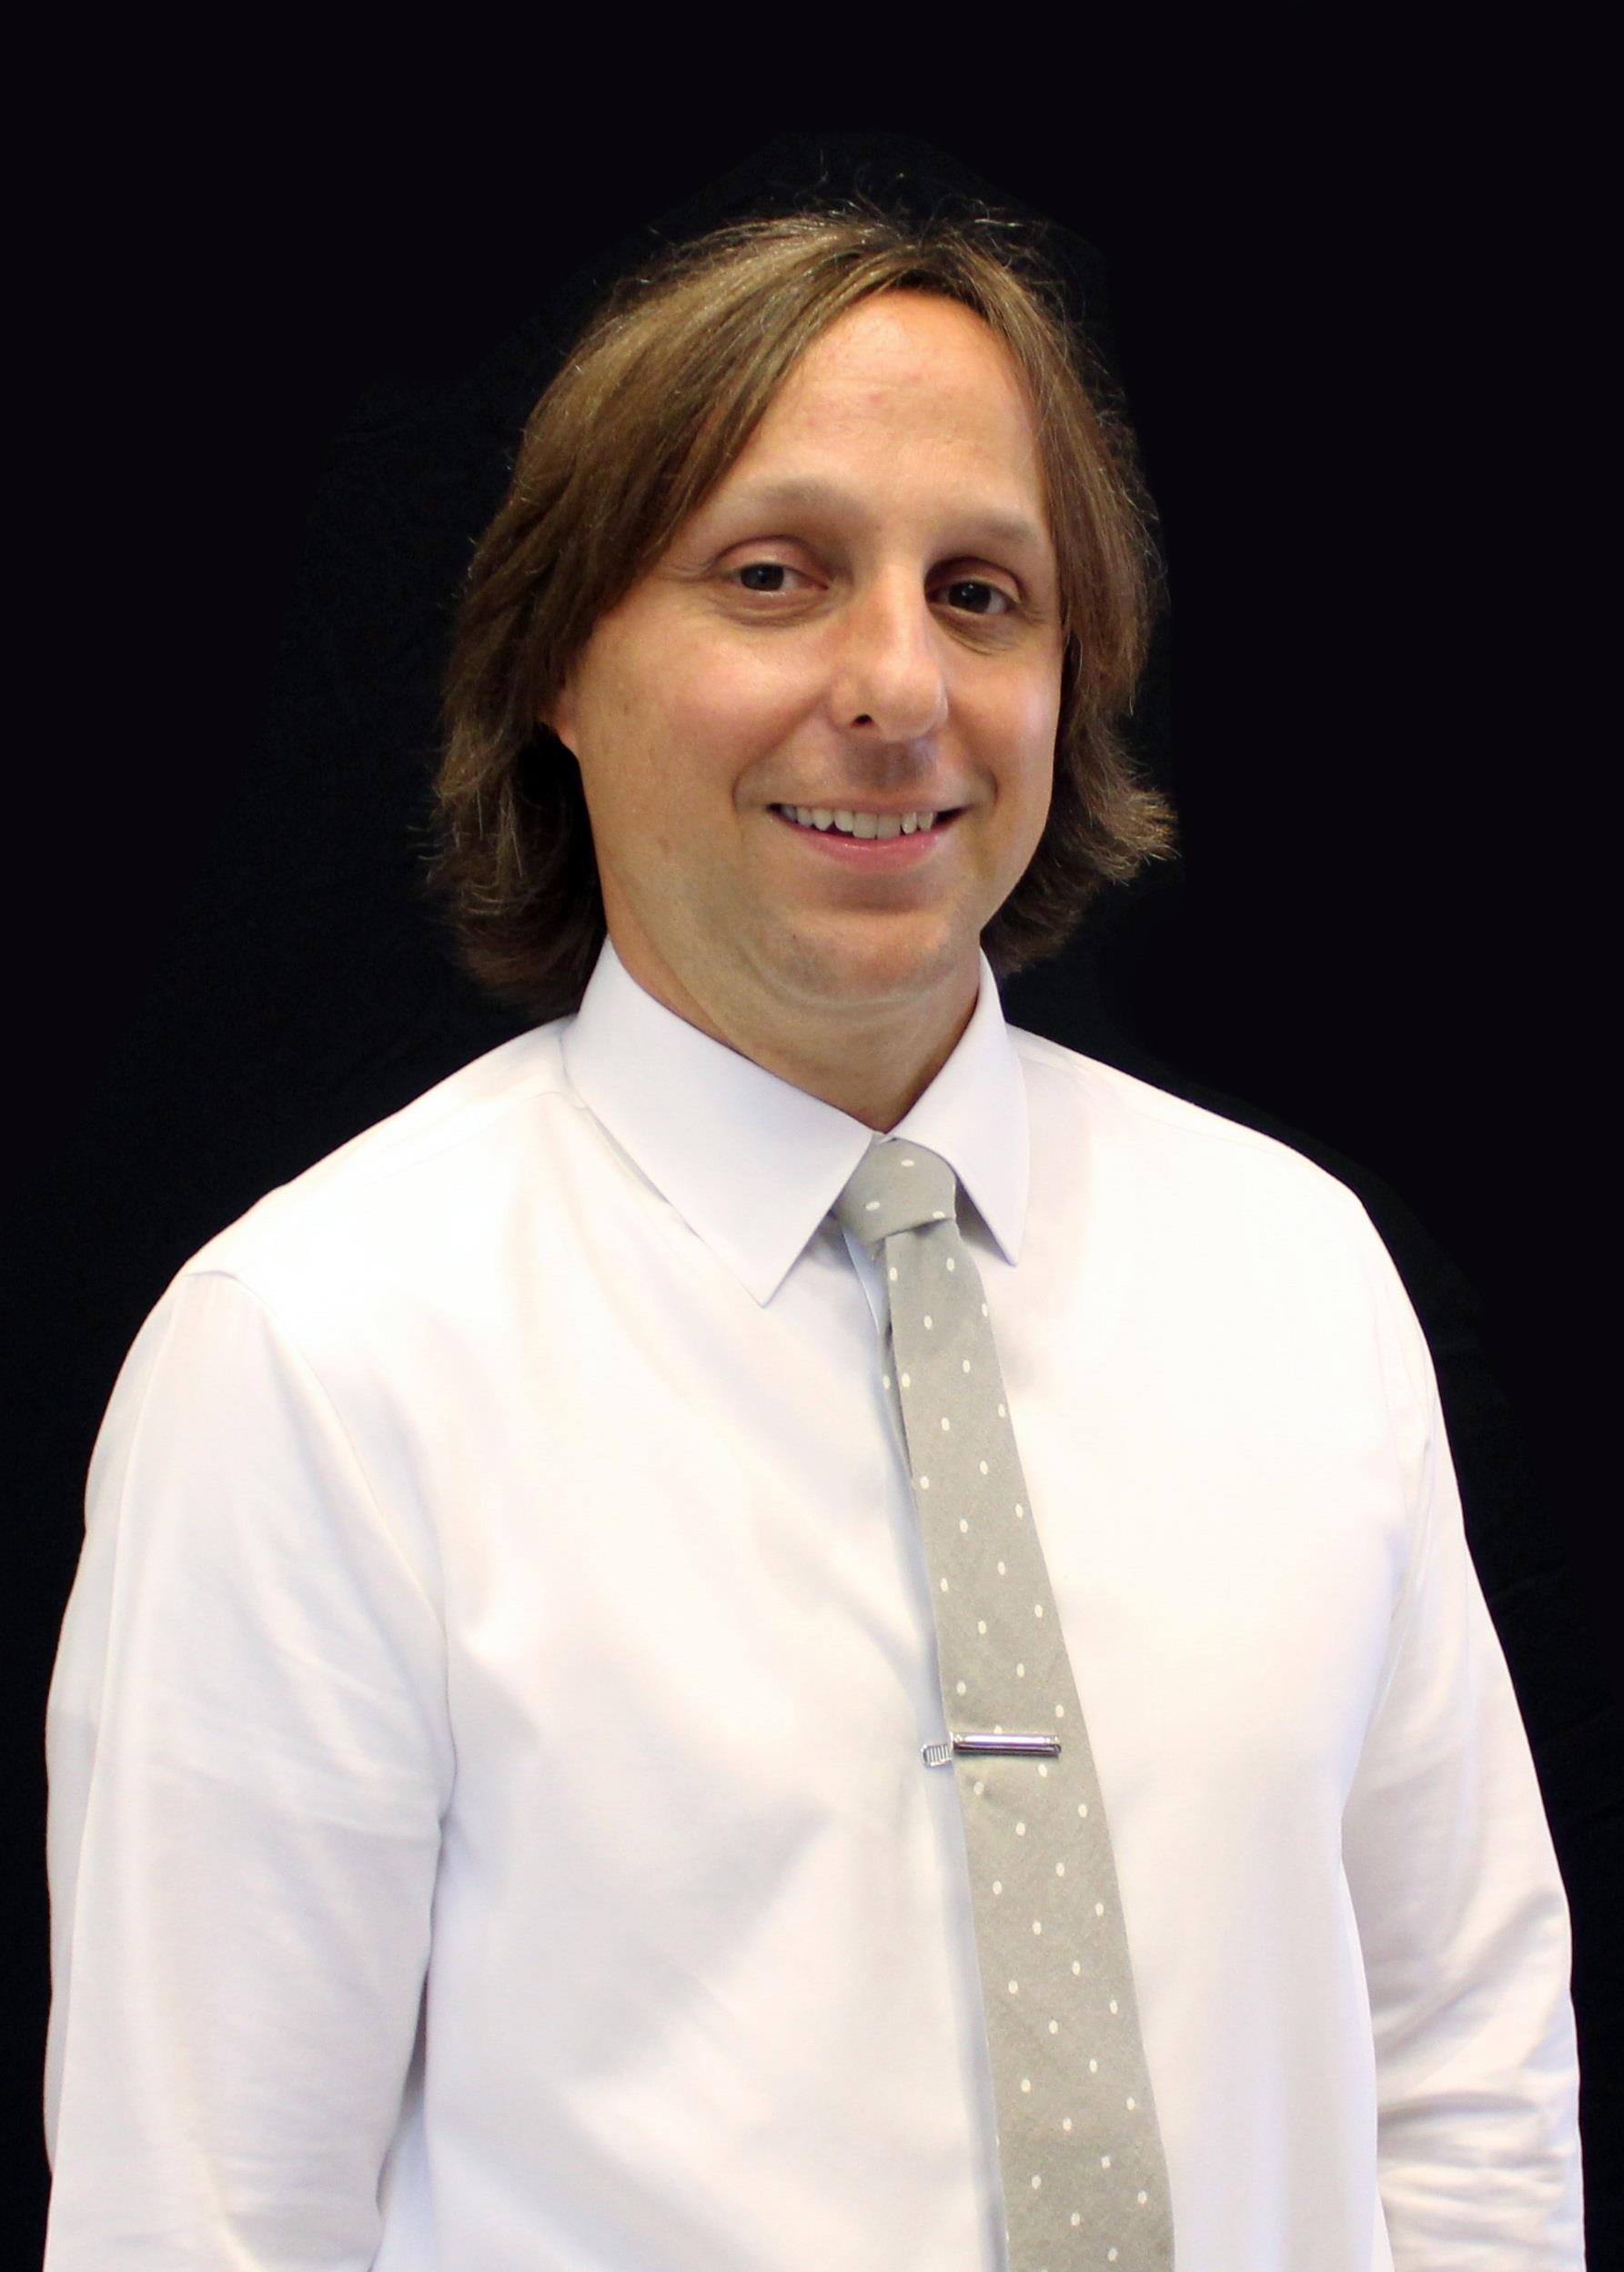 Brian Riolo